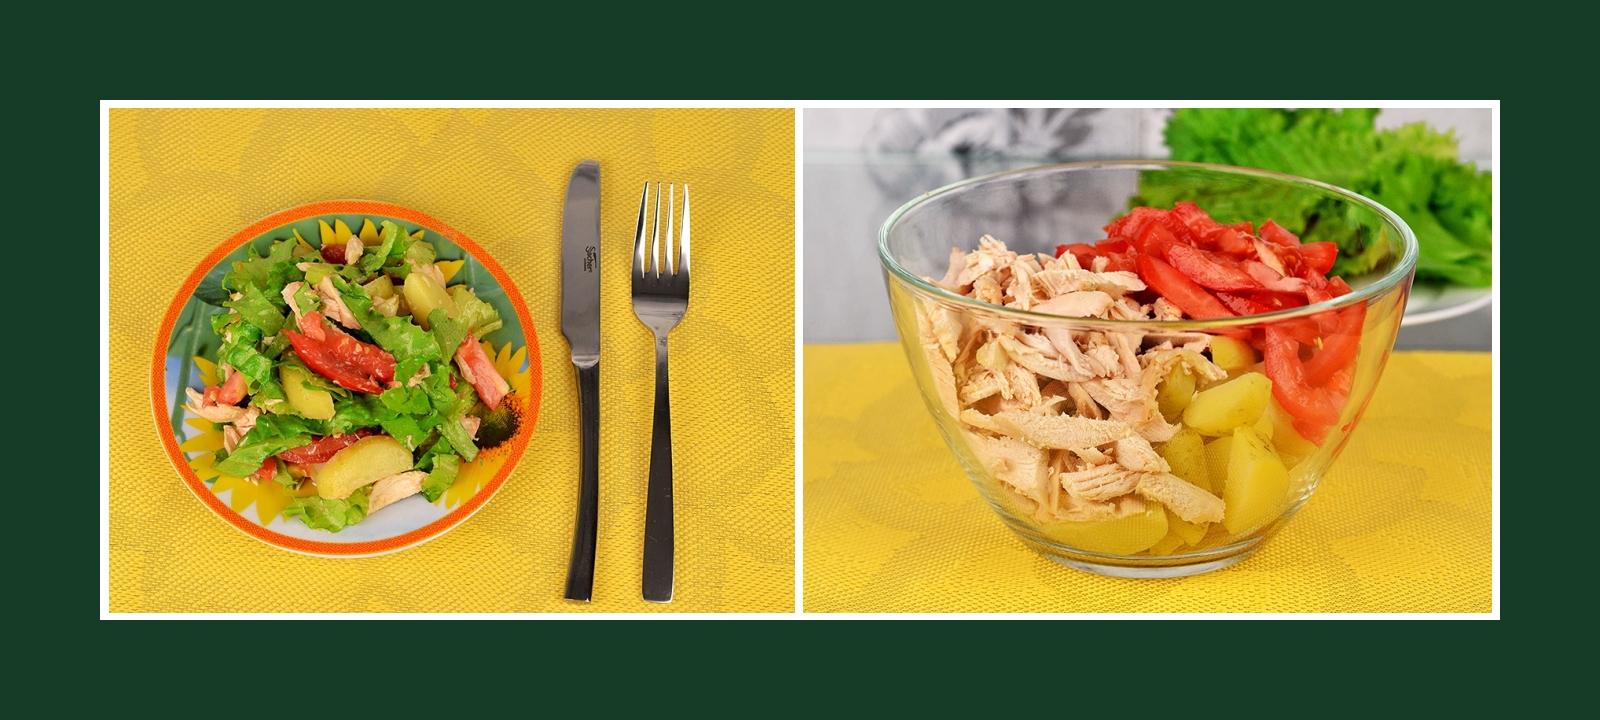 Salat aus Tomaten, Frühkartoffeln und Fleisch